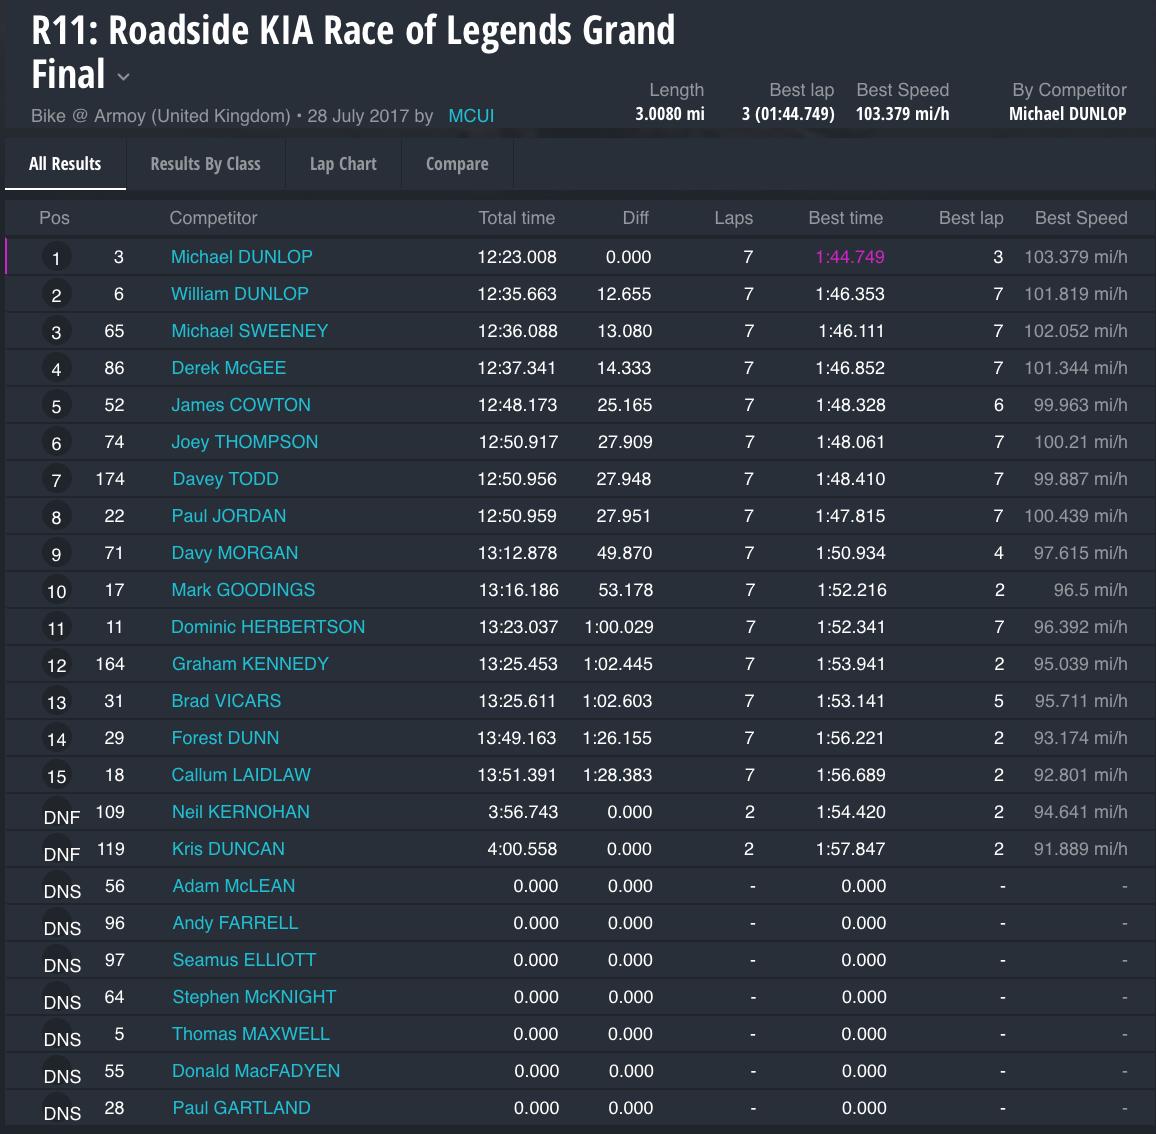 Race 11 : Roadside KIA Race of Legends Grand Final